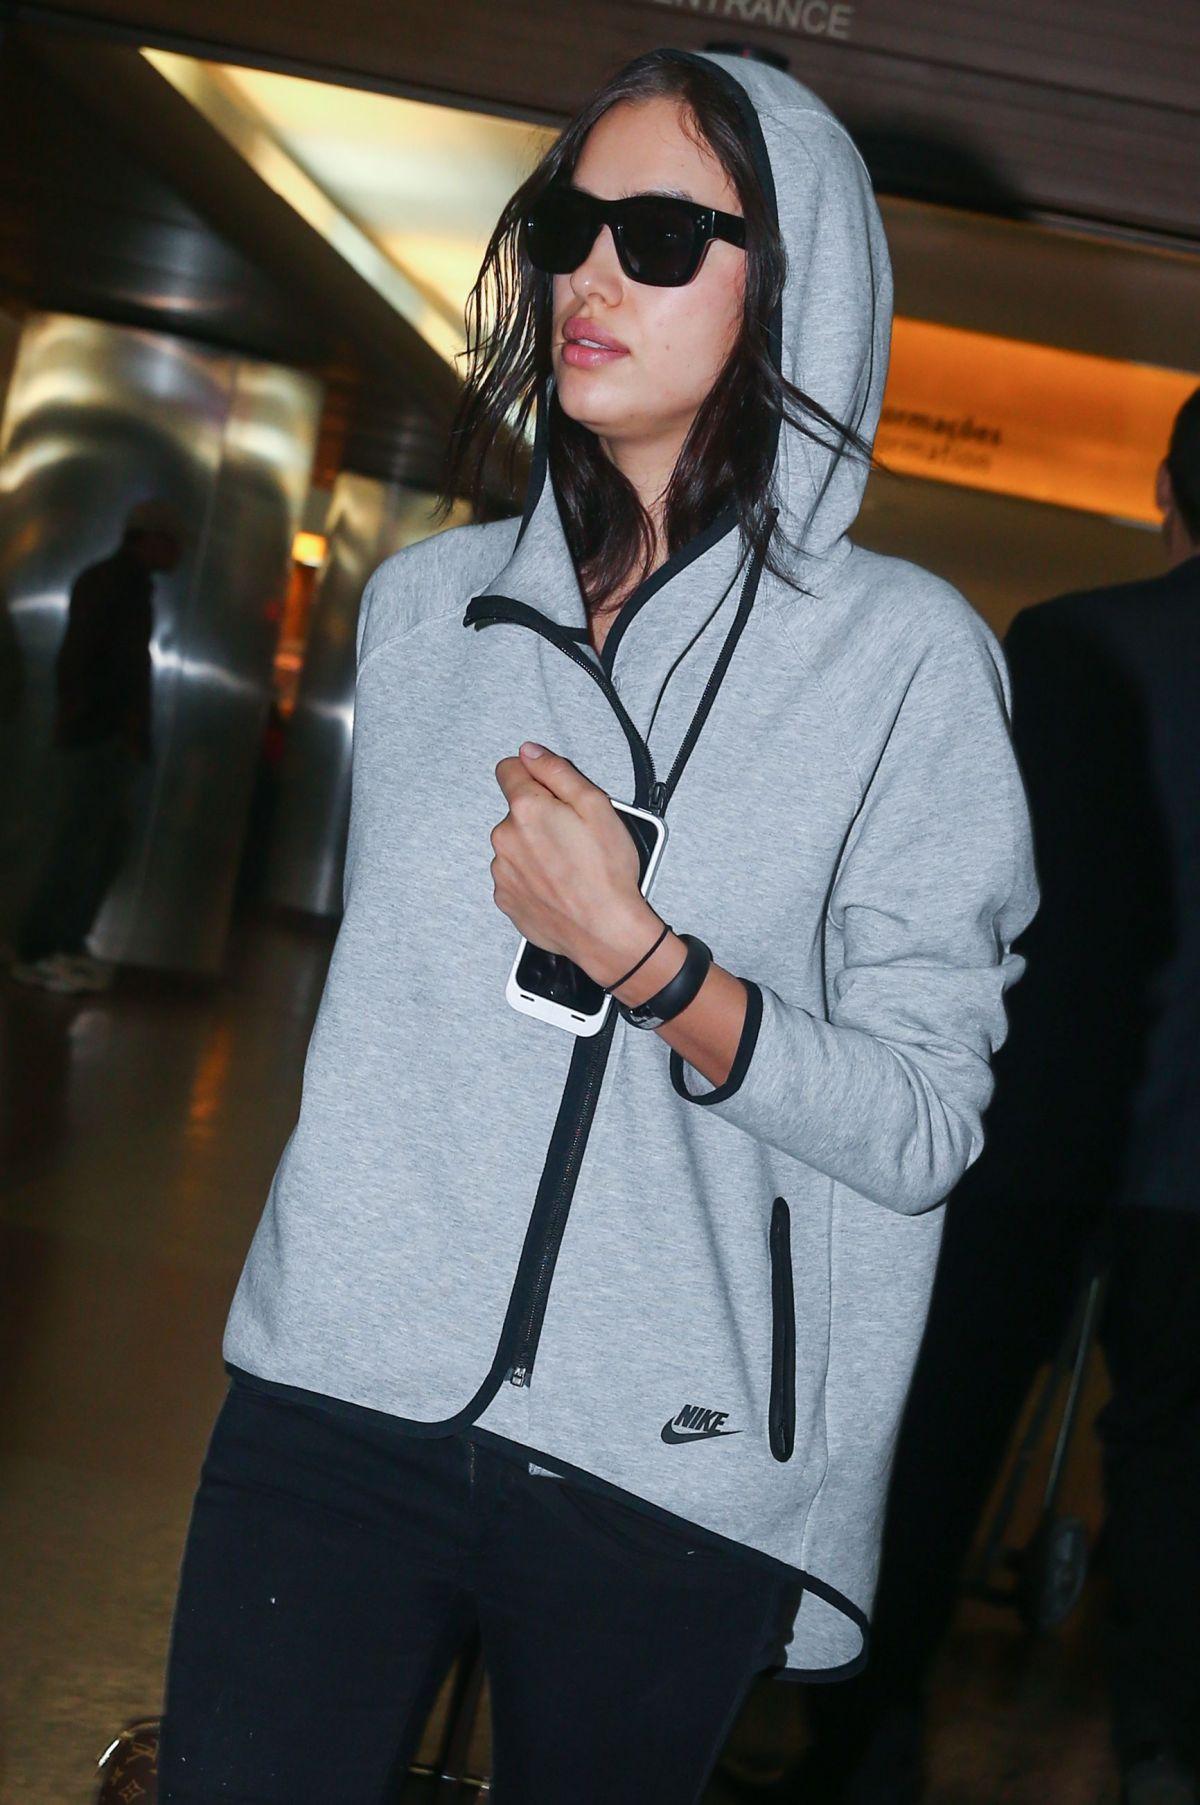 IRINA SHAYK at Sao Paulo International Airport